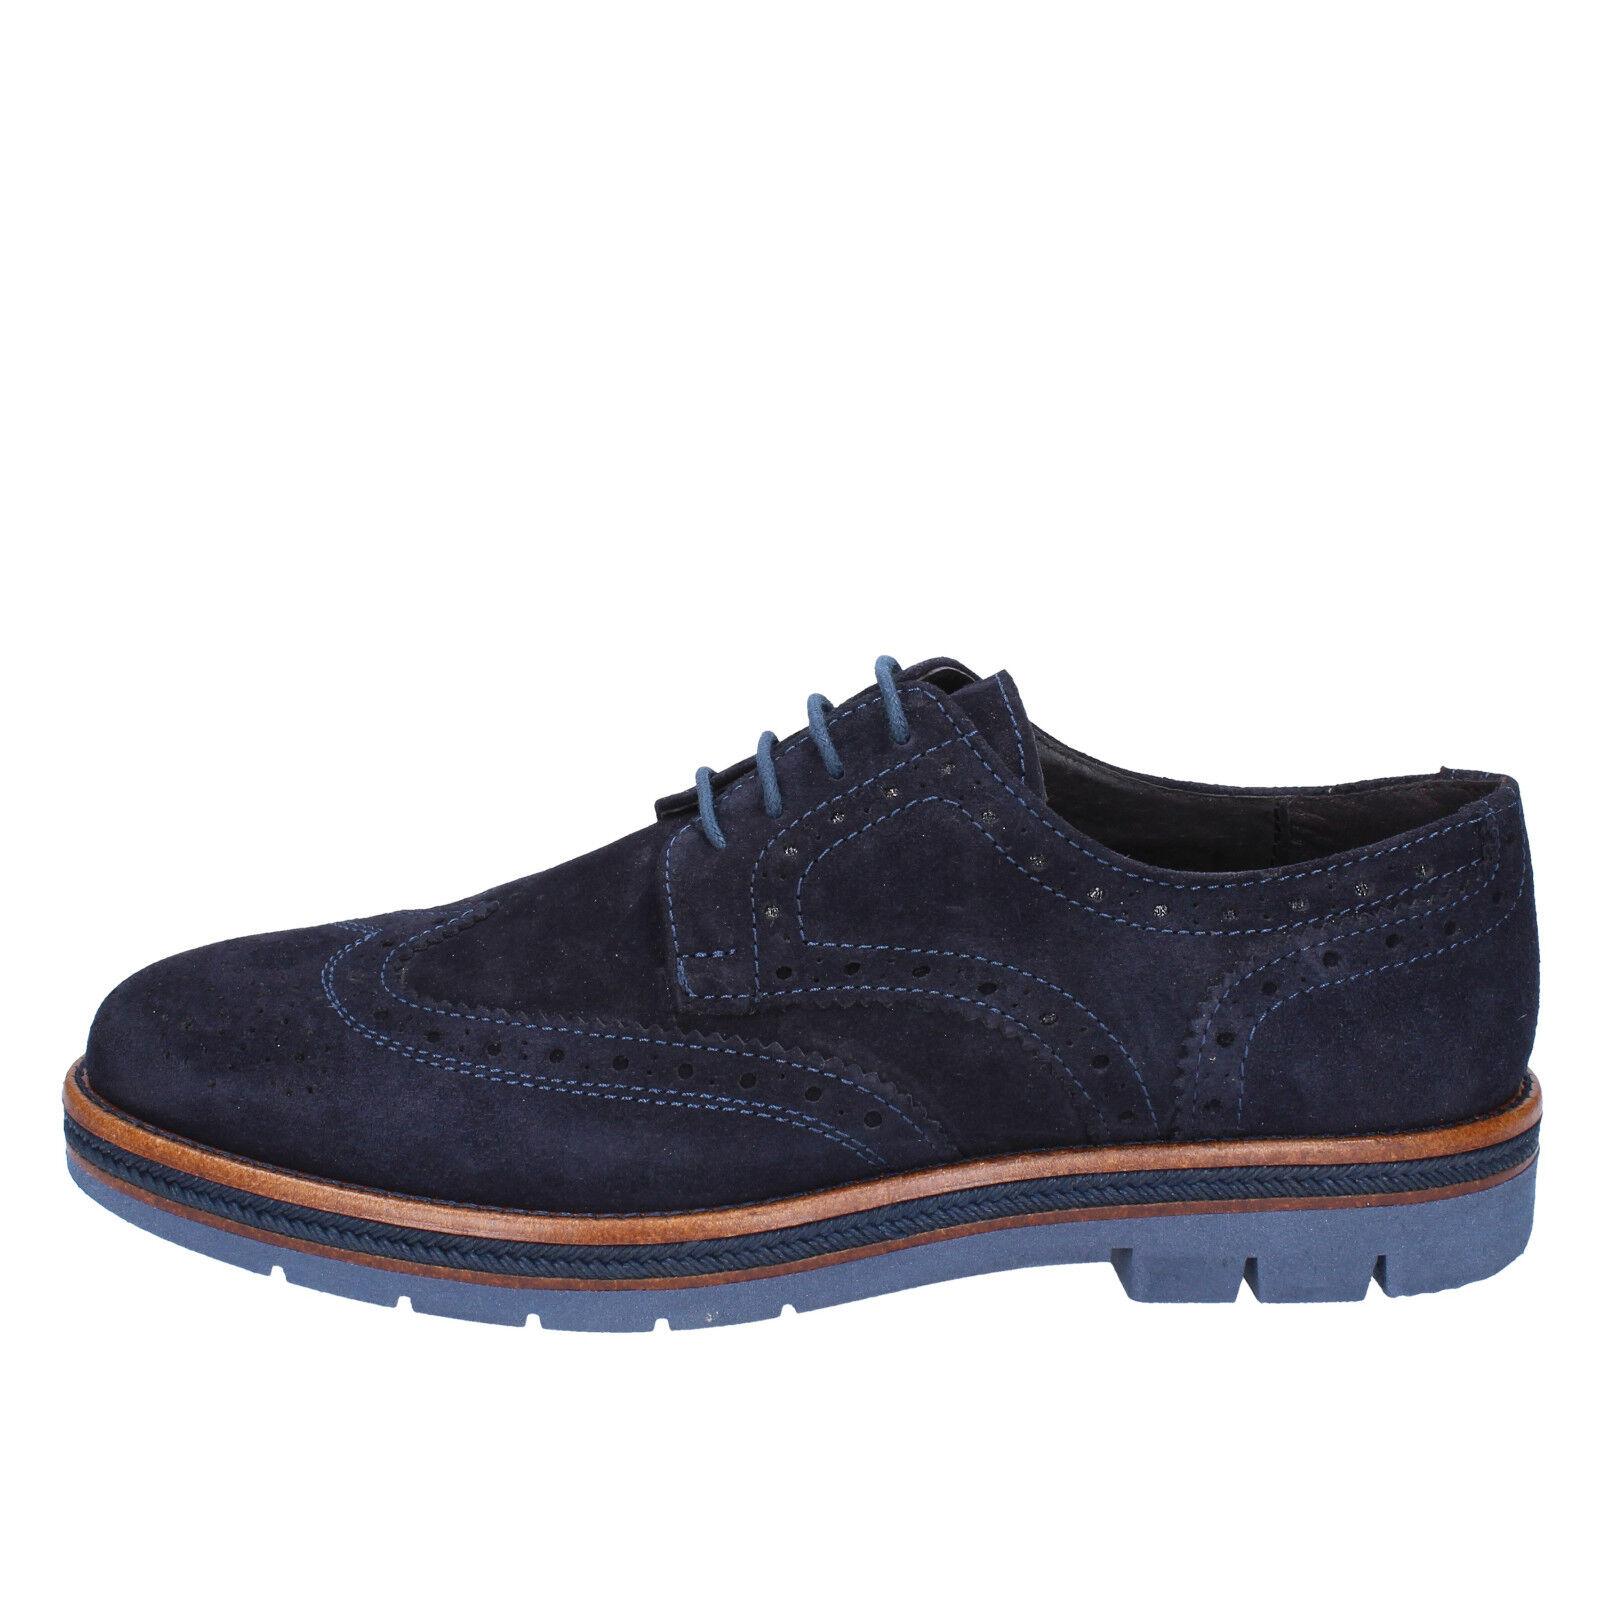 scarpe uomo OSSIANI 41 BX307-41 EU classiche blu camoscio BX307-41 41 215fd0